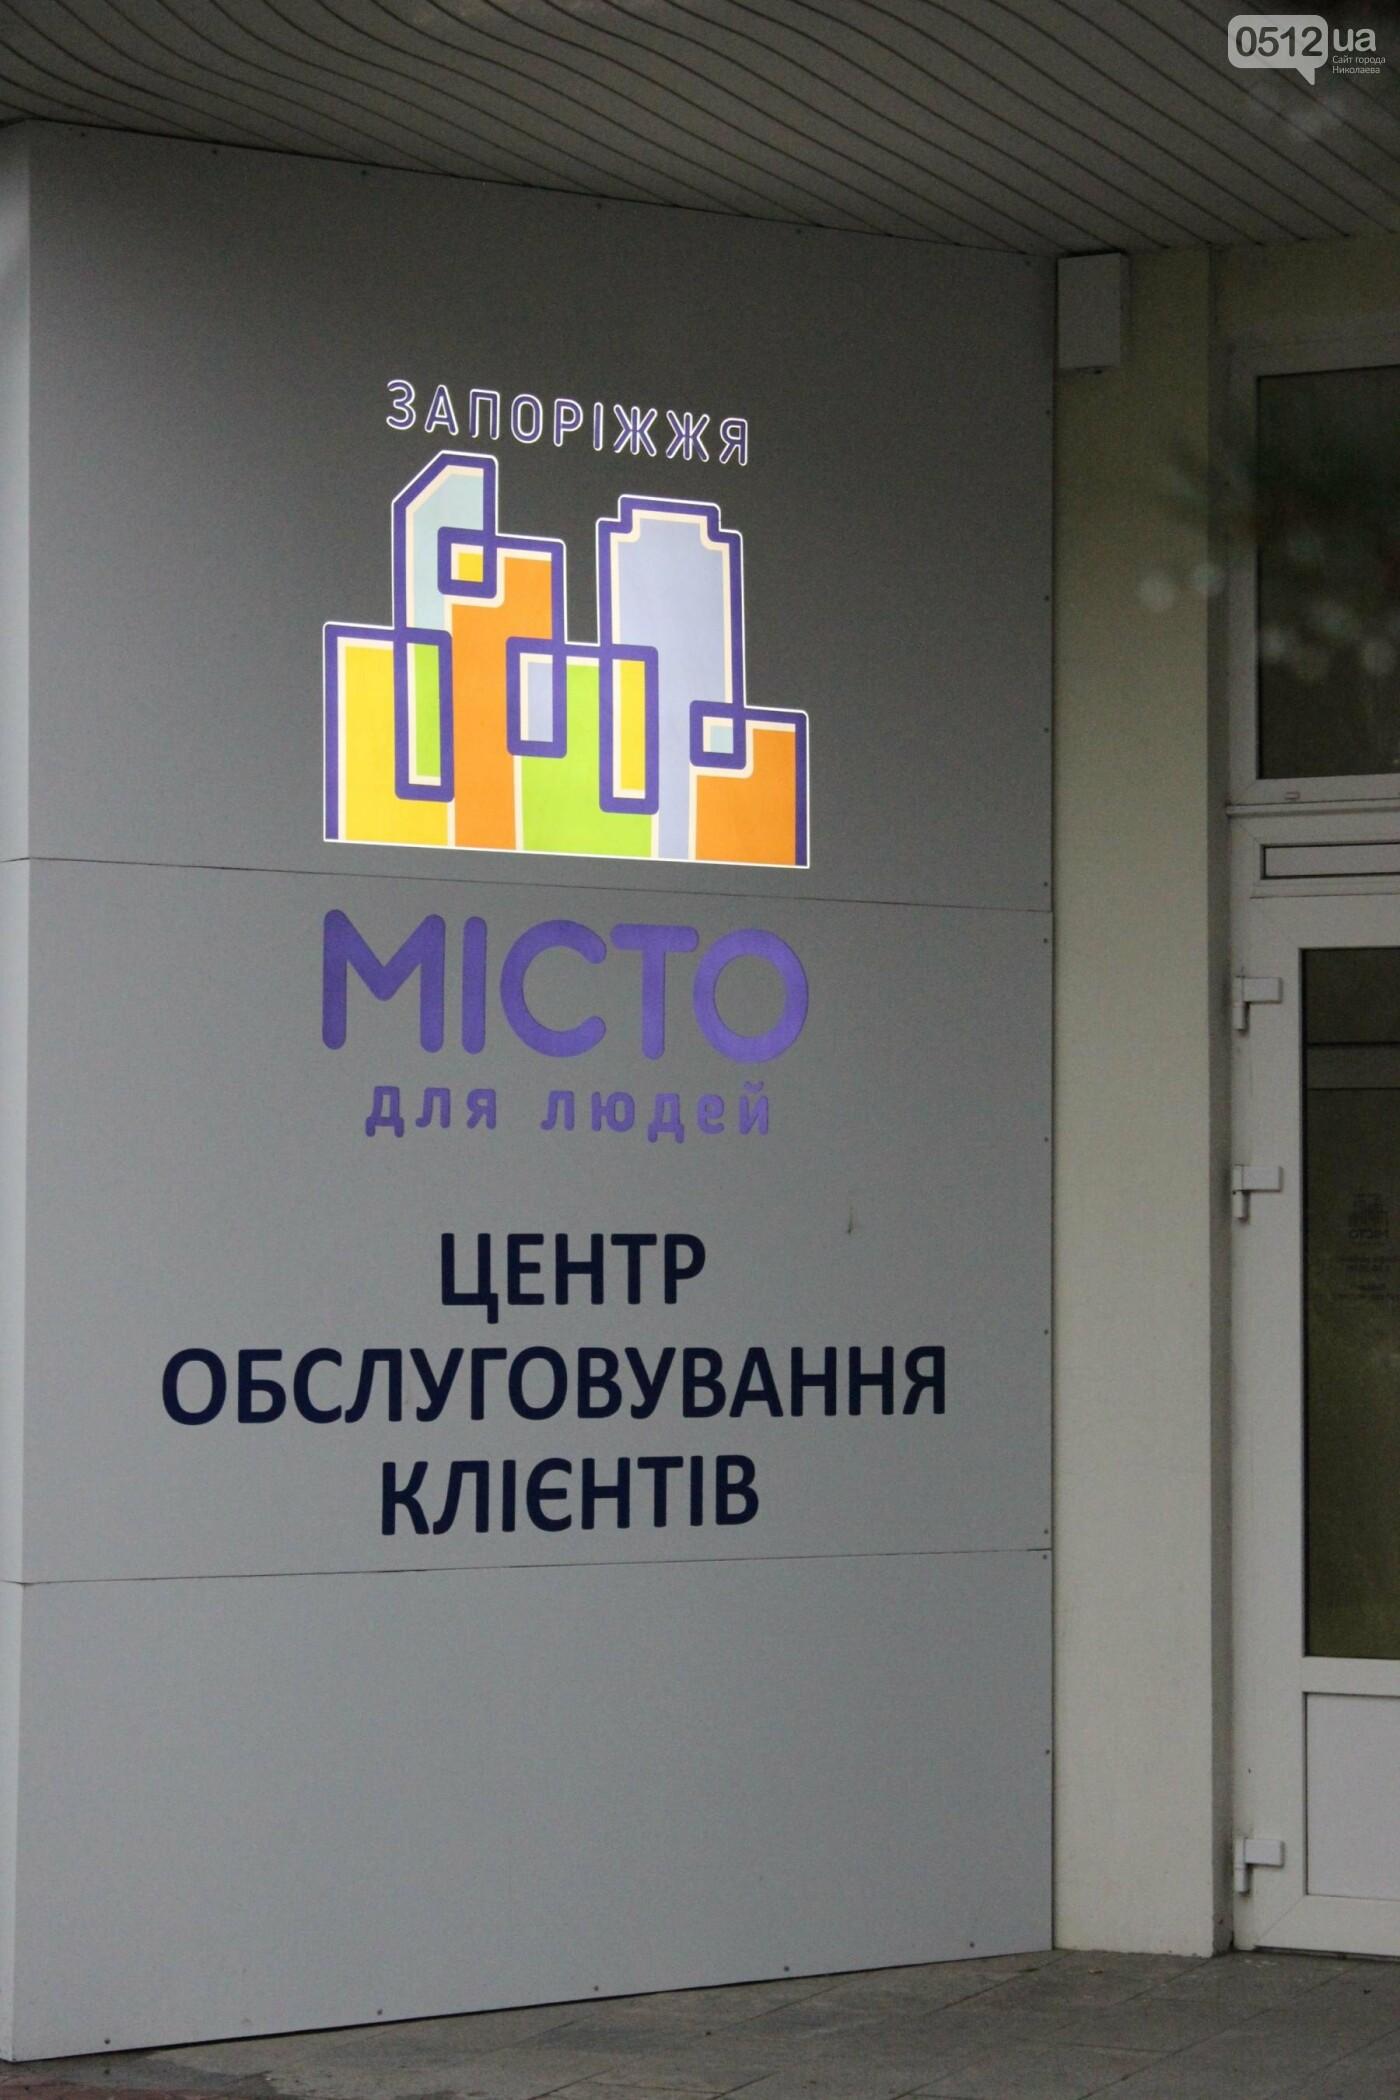 Компания, победившая на обслуживание ряда домов Николаева, презентовала свою работу в Запорожье, - ФОТО, ВИДЕО, фото-13